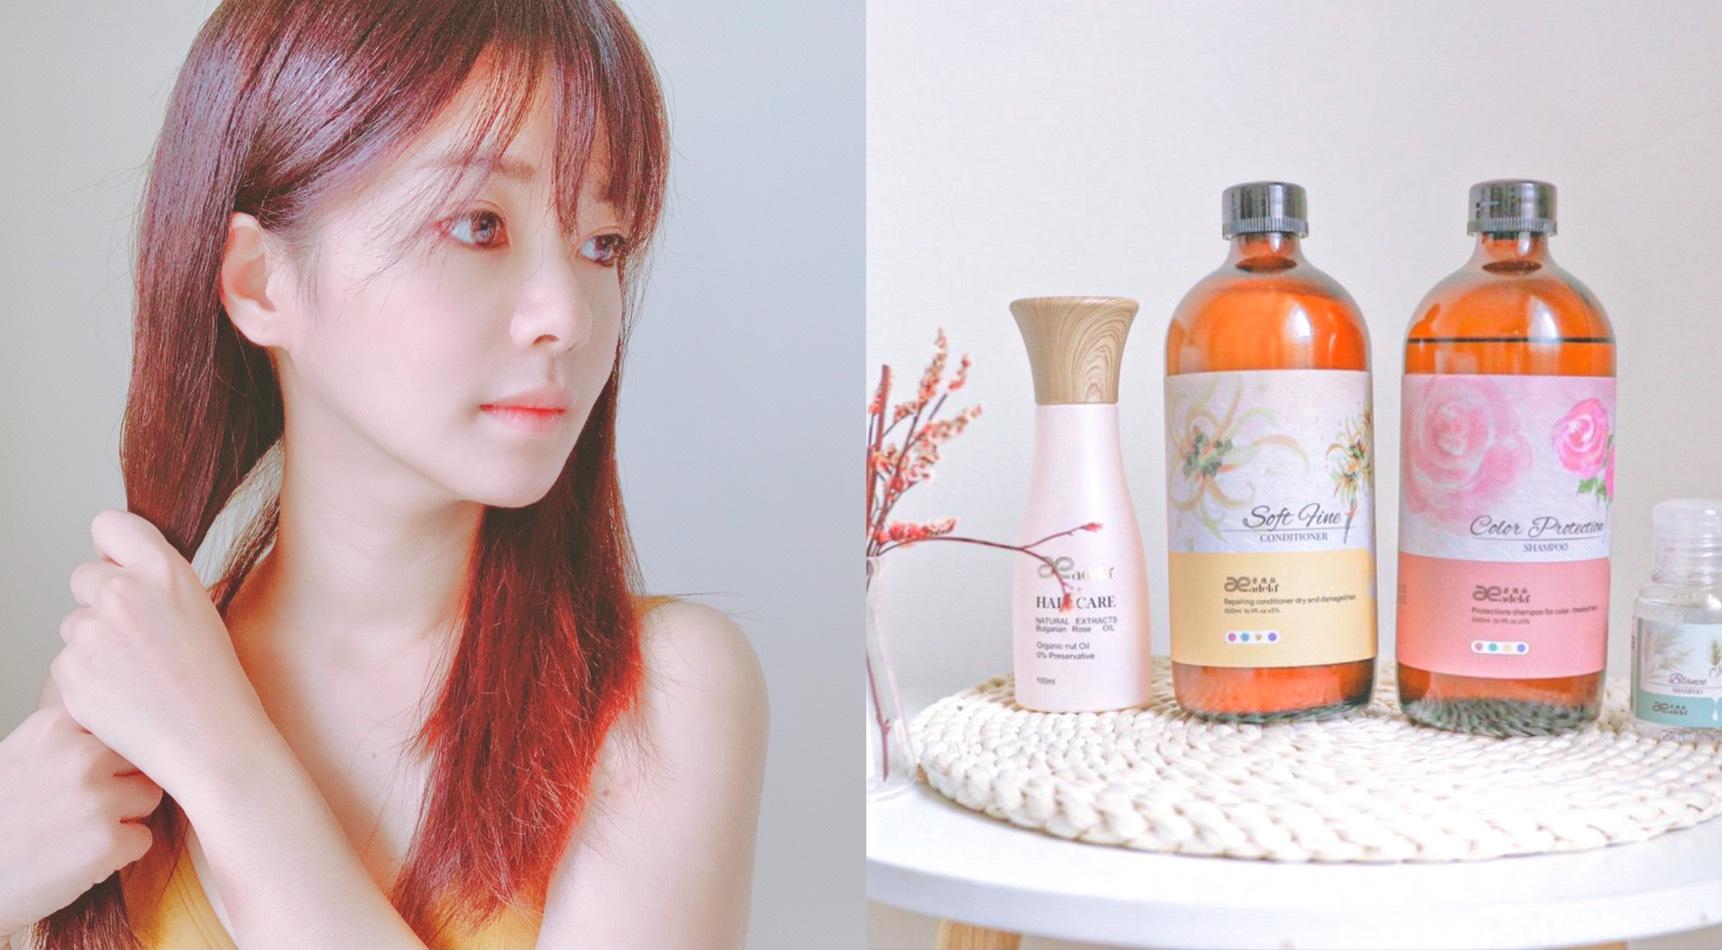 洗髮精推薦-愛德拉洗髮精,輕鬆拯救你的自然捲、毛躁及染燙受損髮。